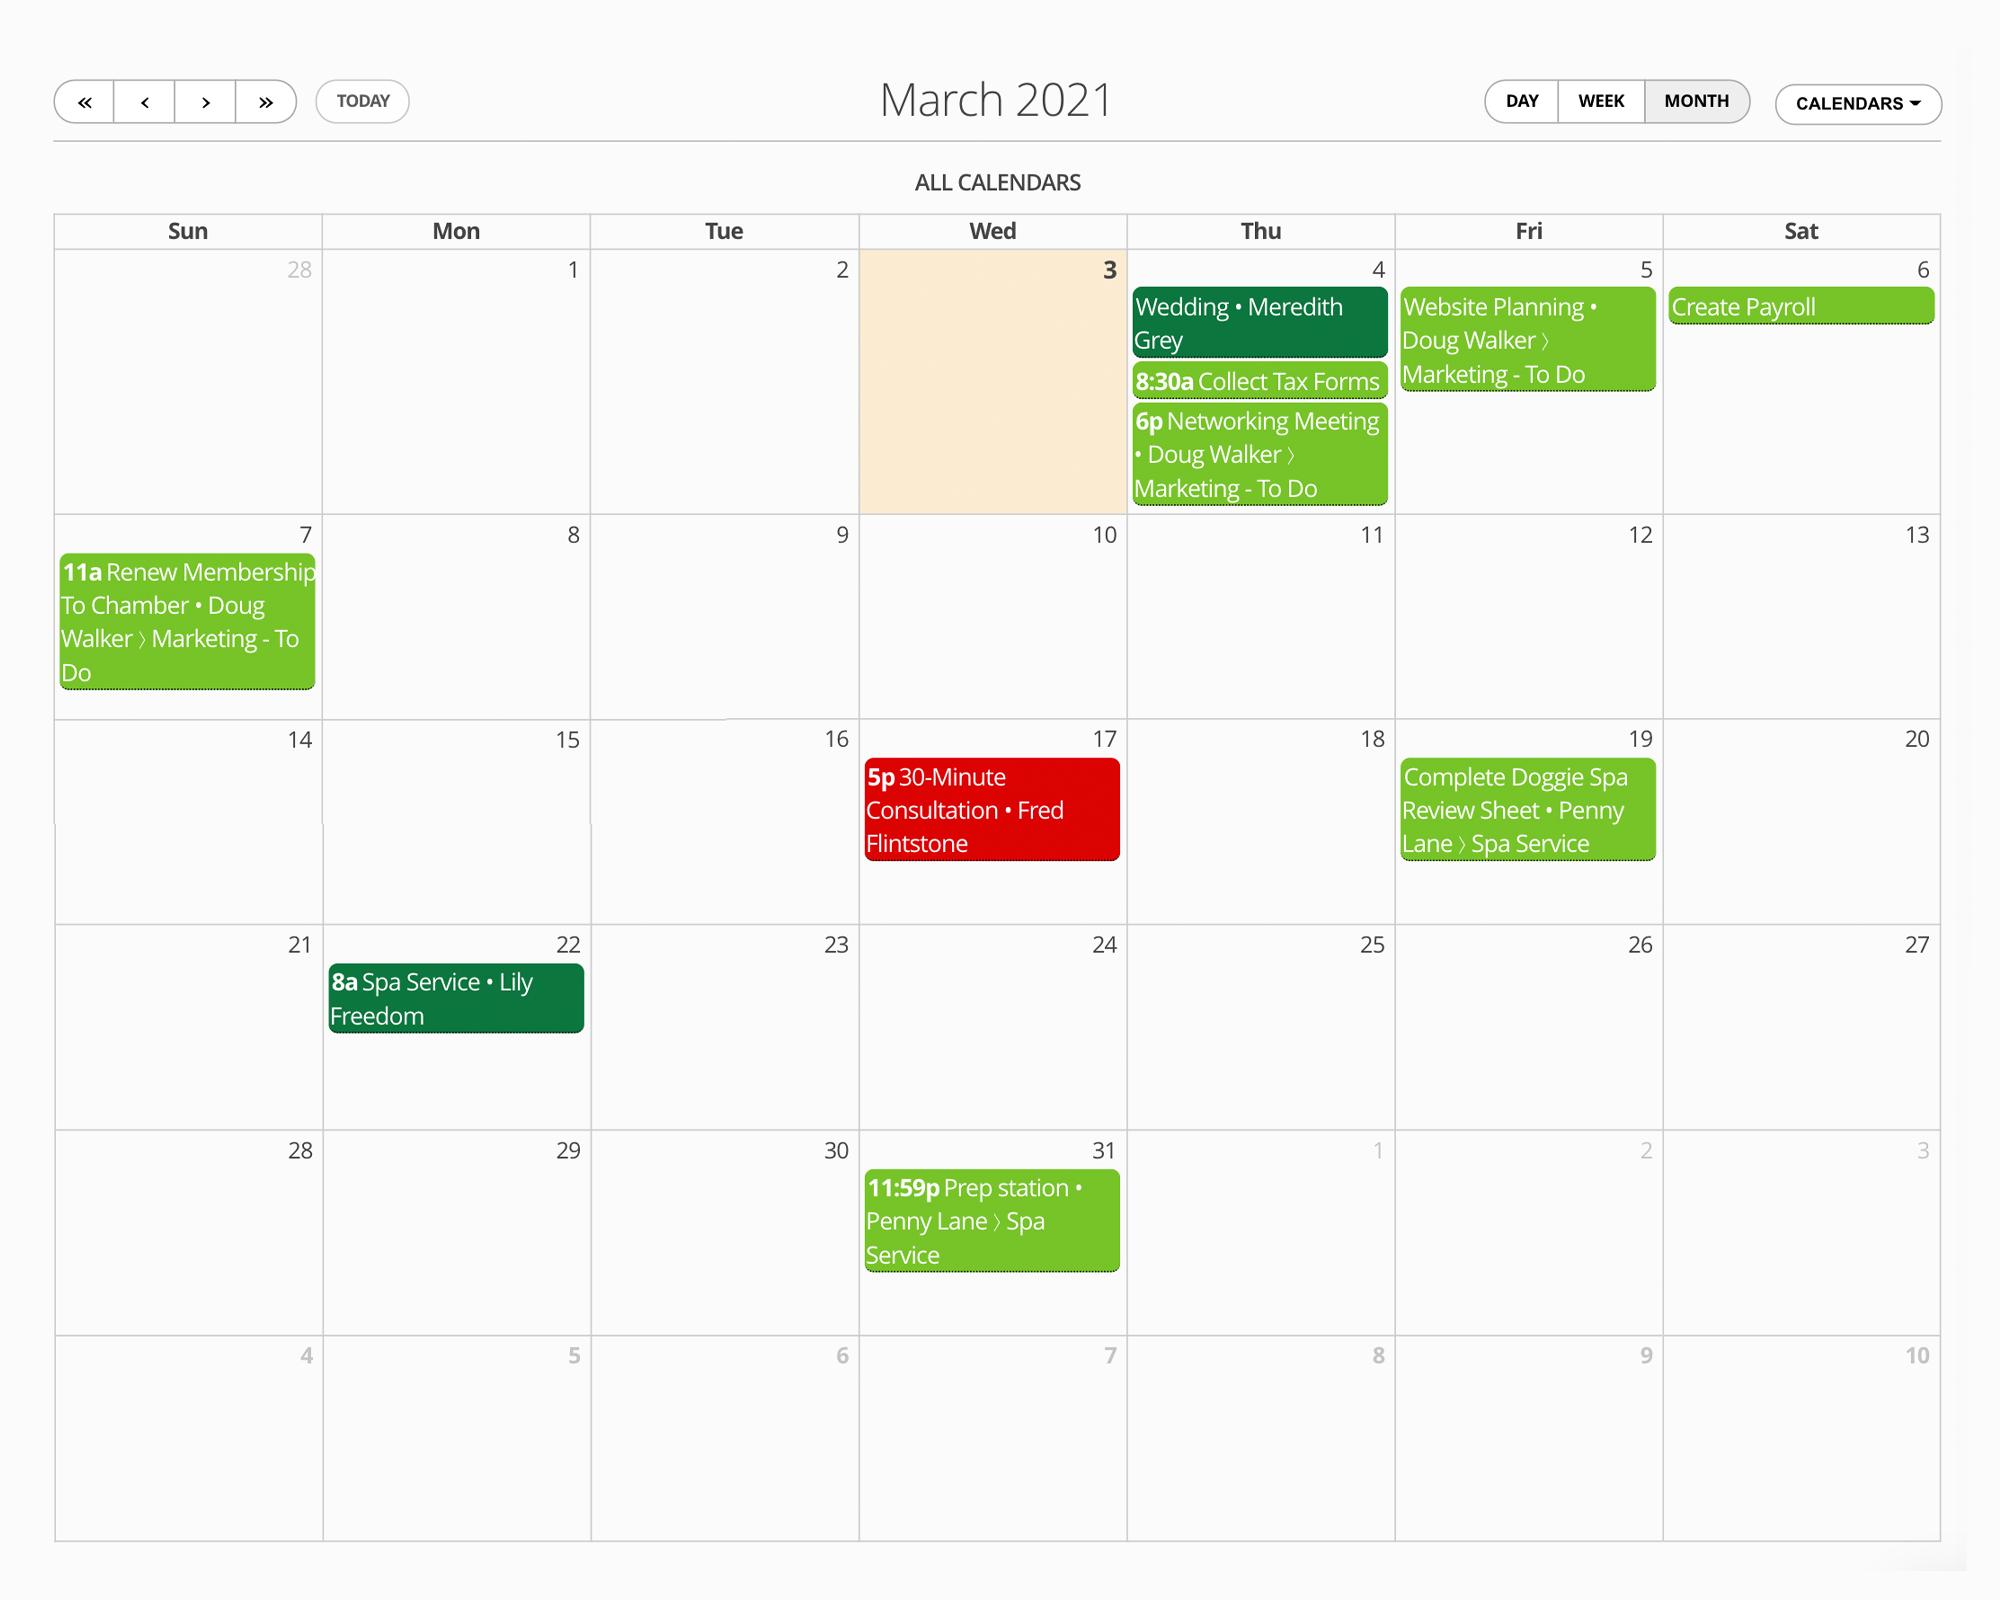 17hats Feature Calendar